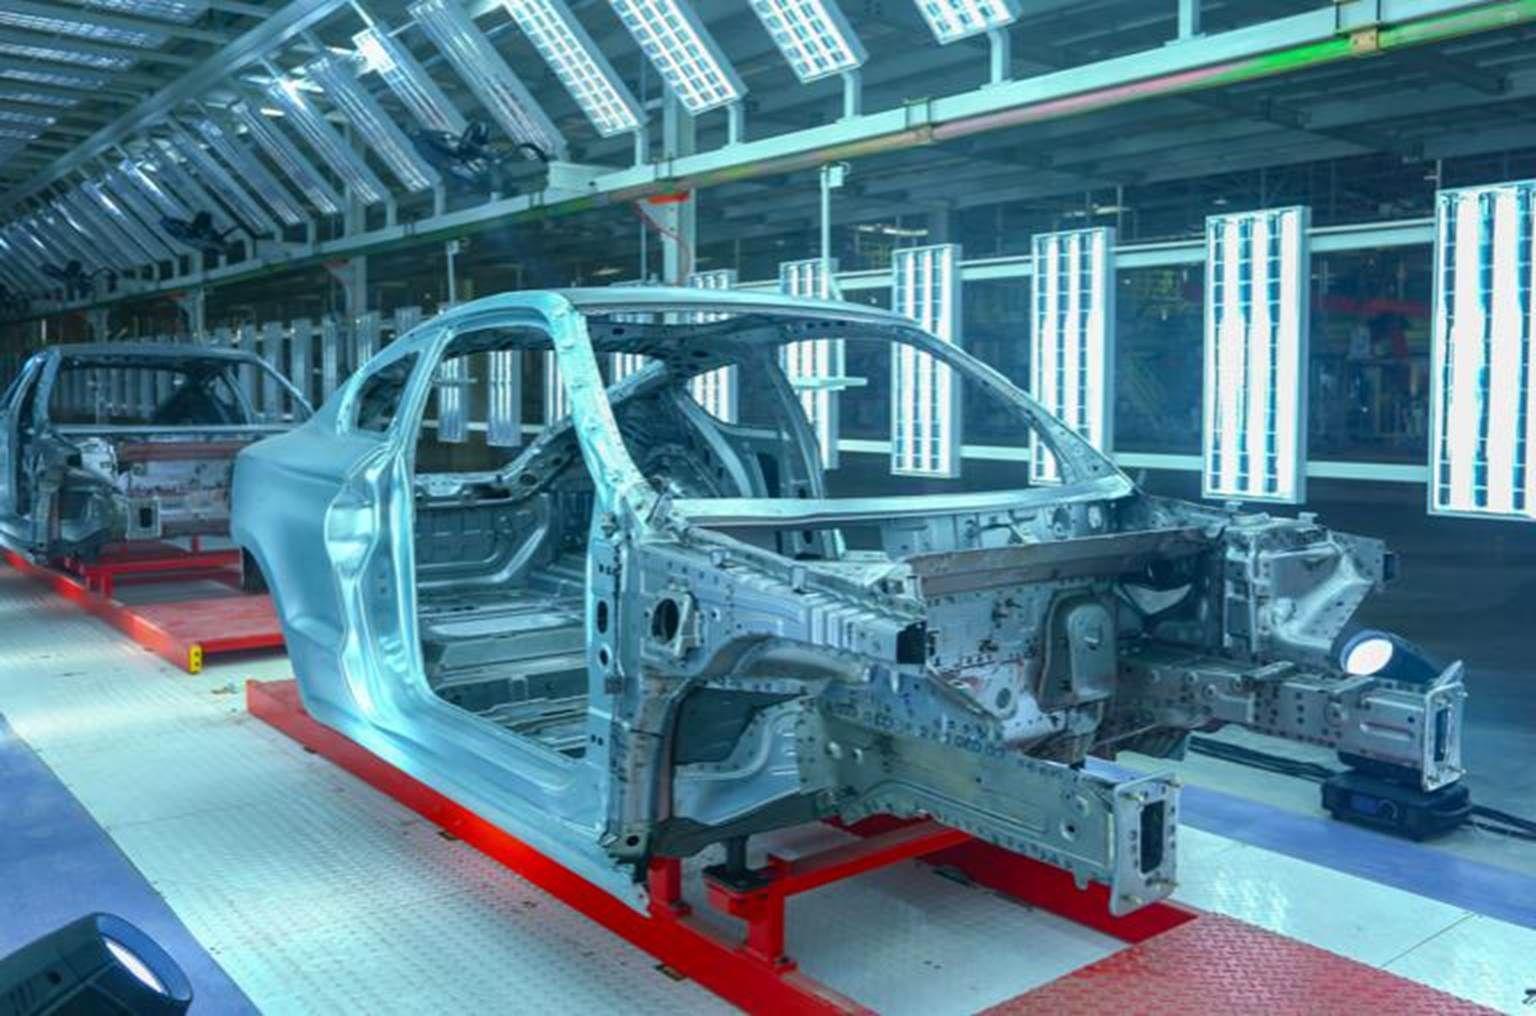 零跑汽车成立优质供给链 保障产物质量高要求